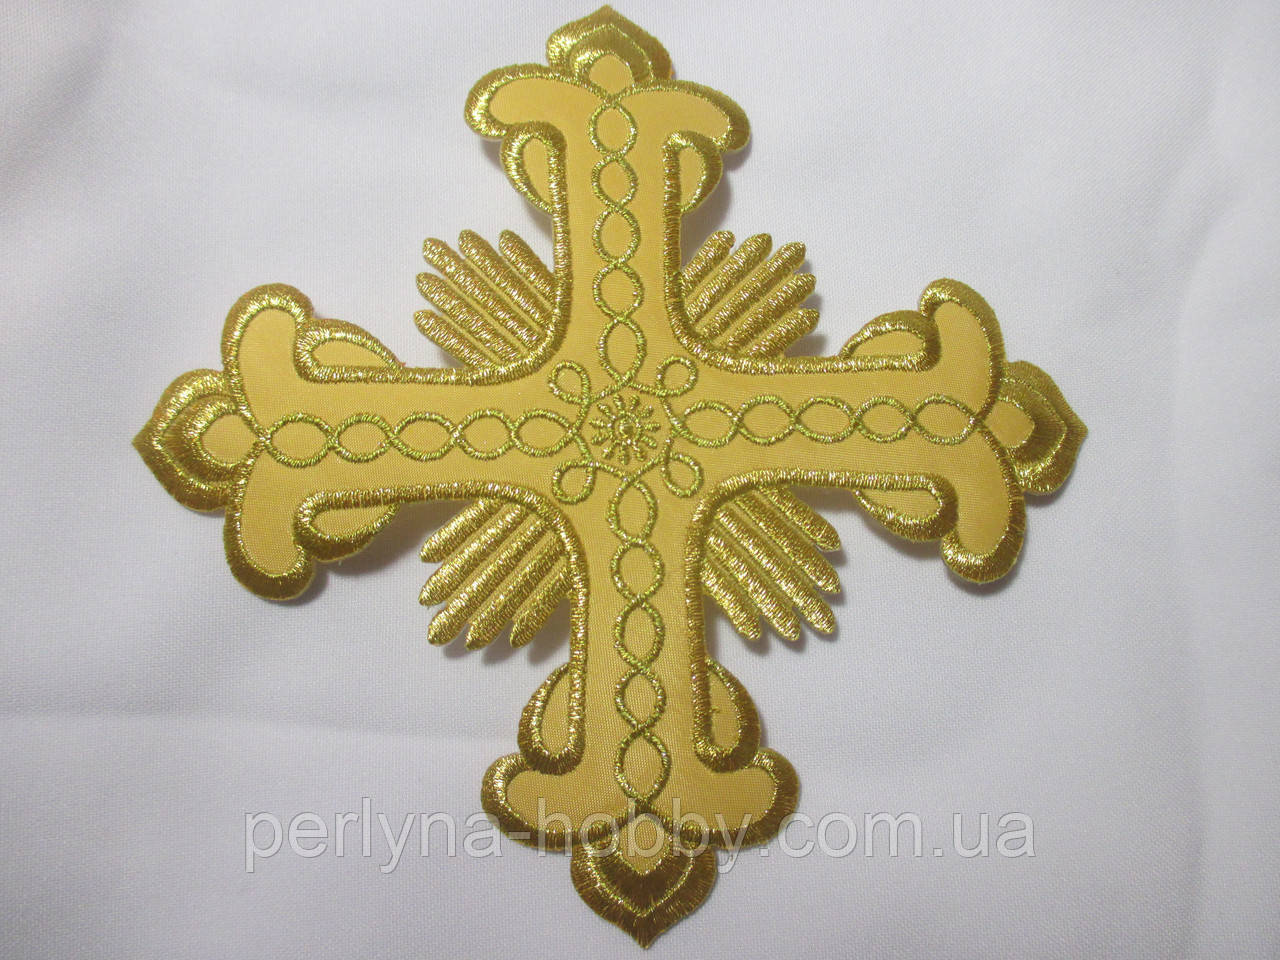 Хрест для церковного одягу середній (алікаця клейова) 14х14 золото